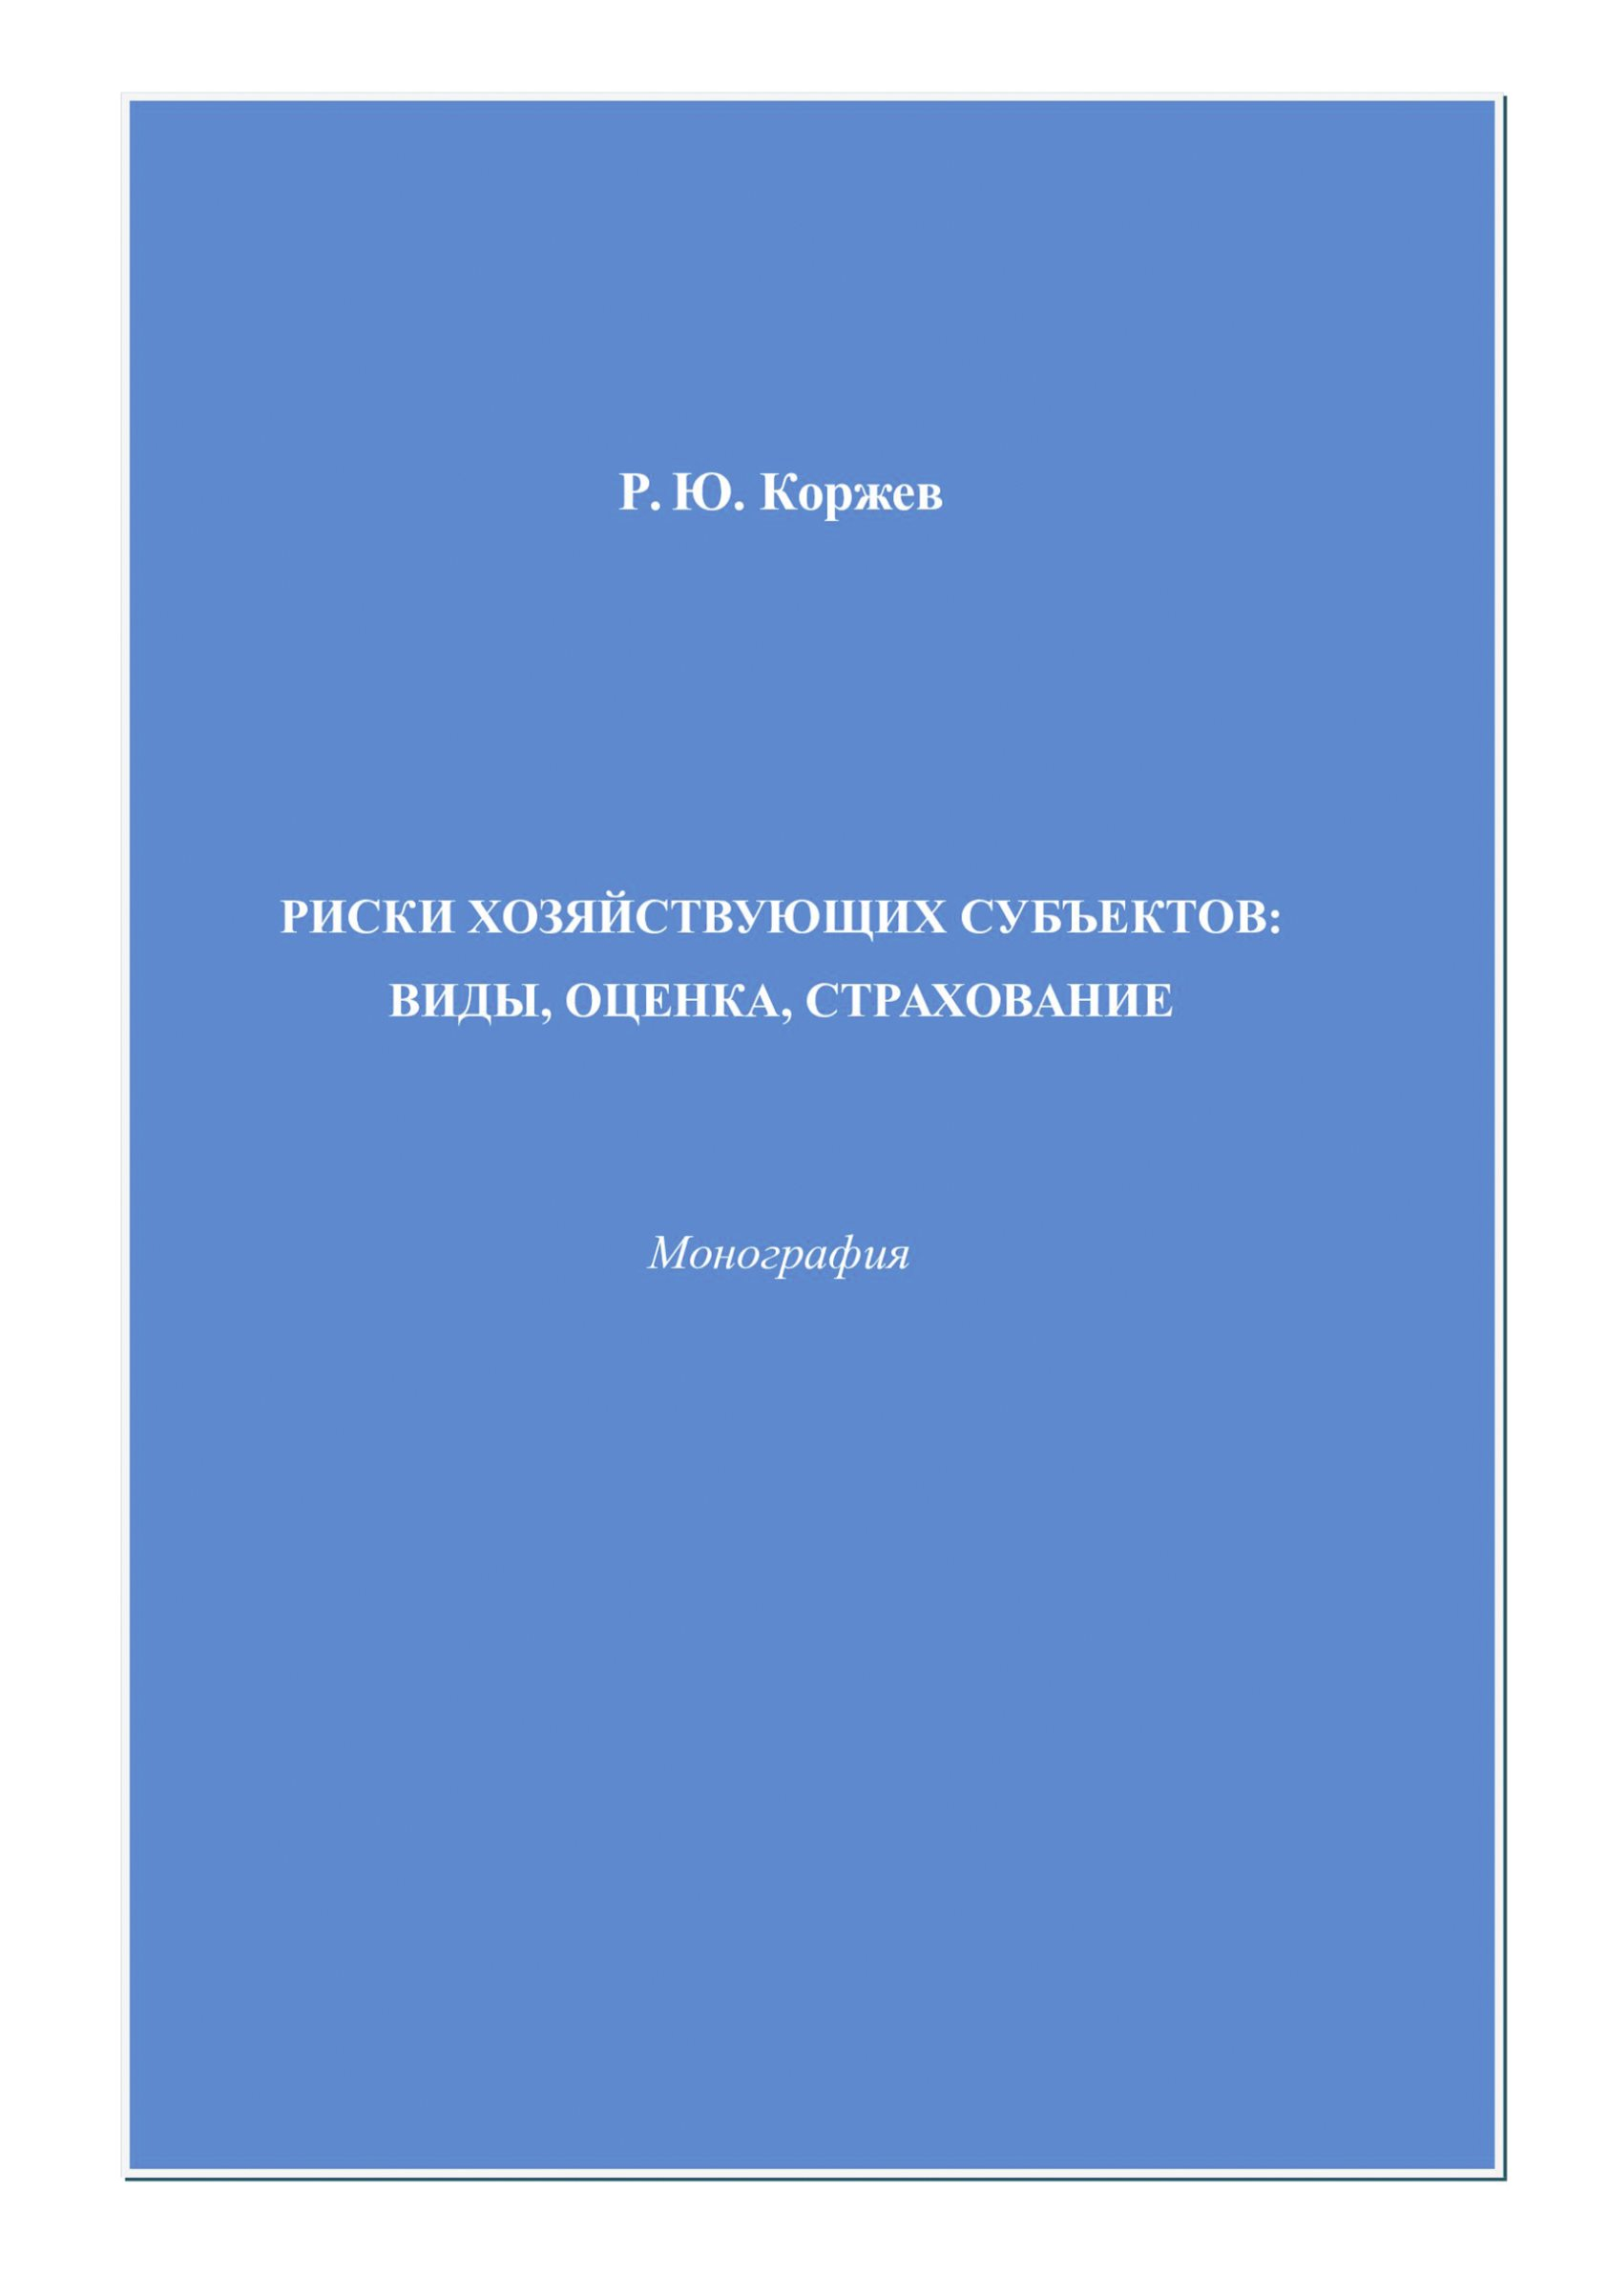 Роман Коржев Риски хозяйствующих субъектов виды, оценка, страхование